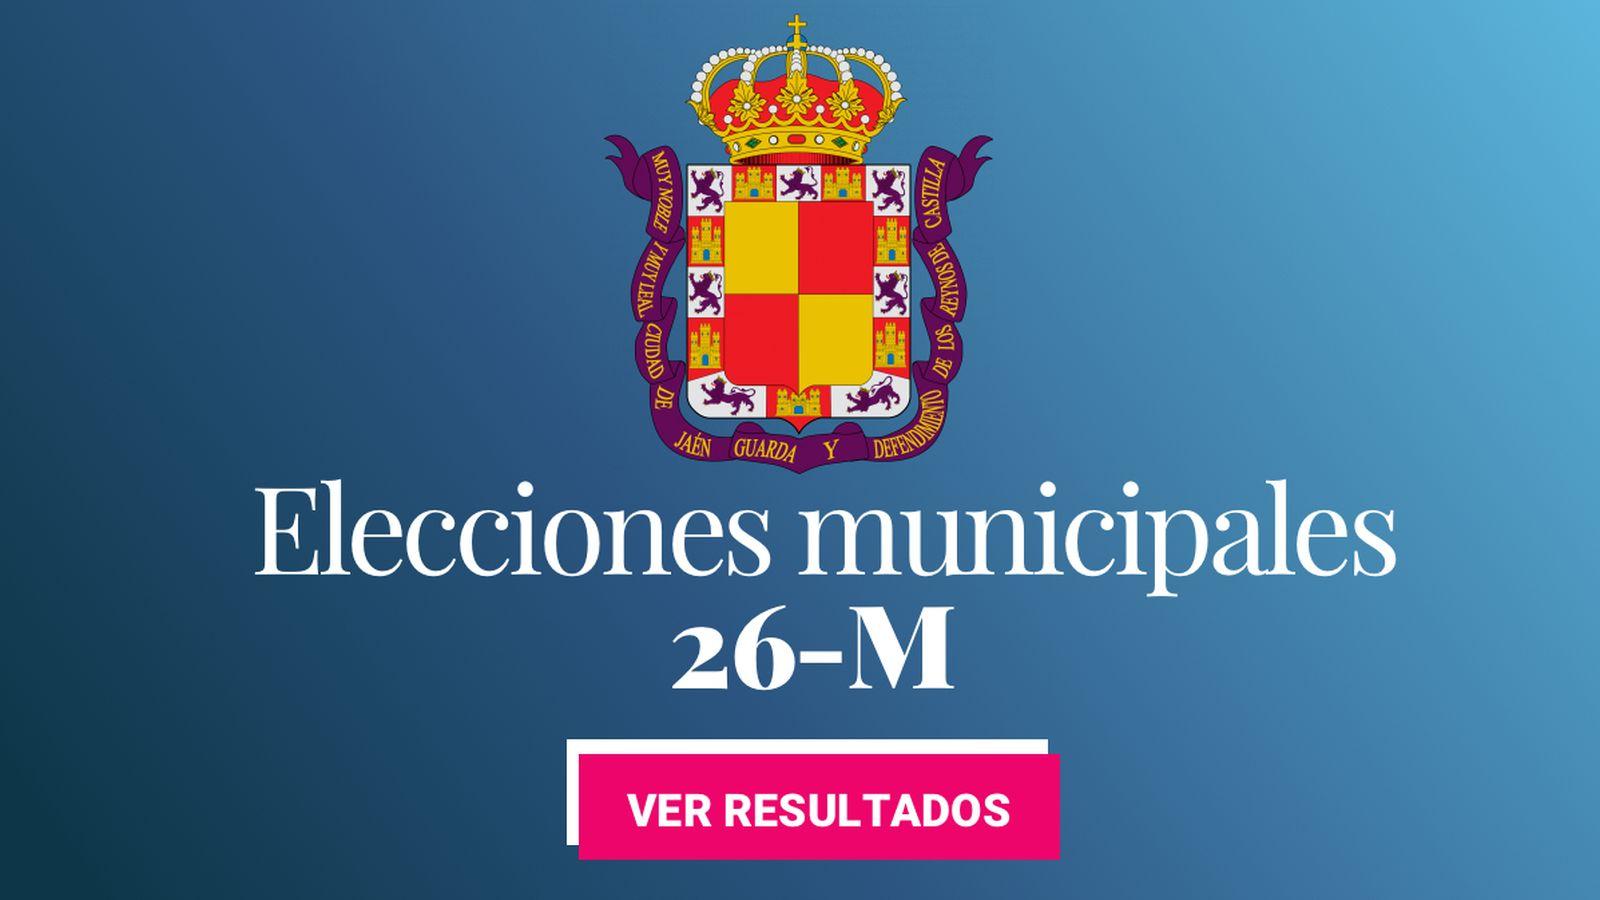 Foto: Elecciones municipales 2019 en Jaén. (C.C./EC)